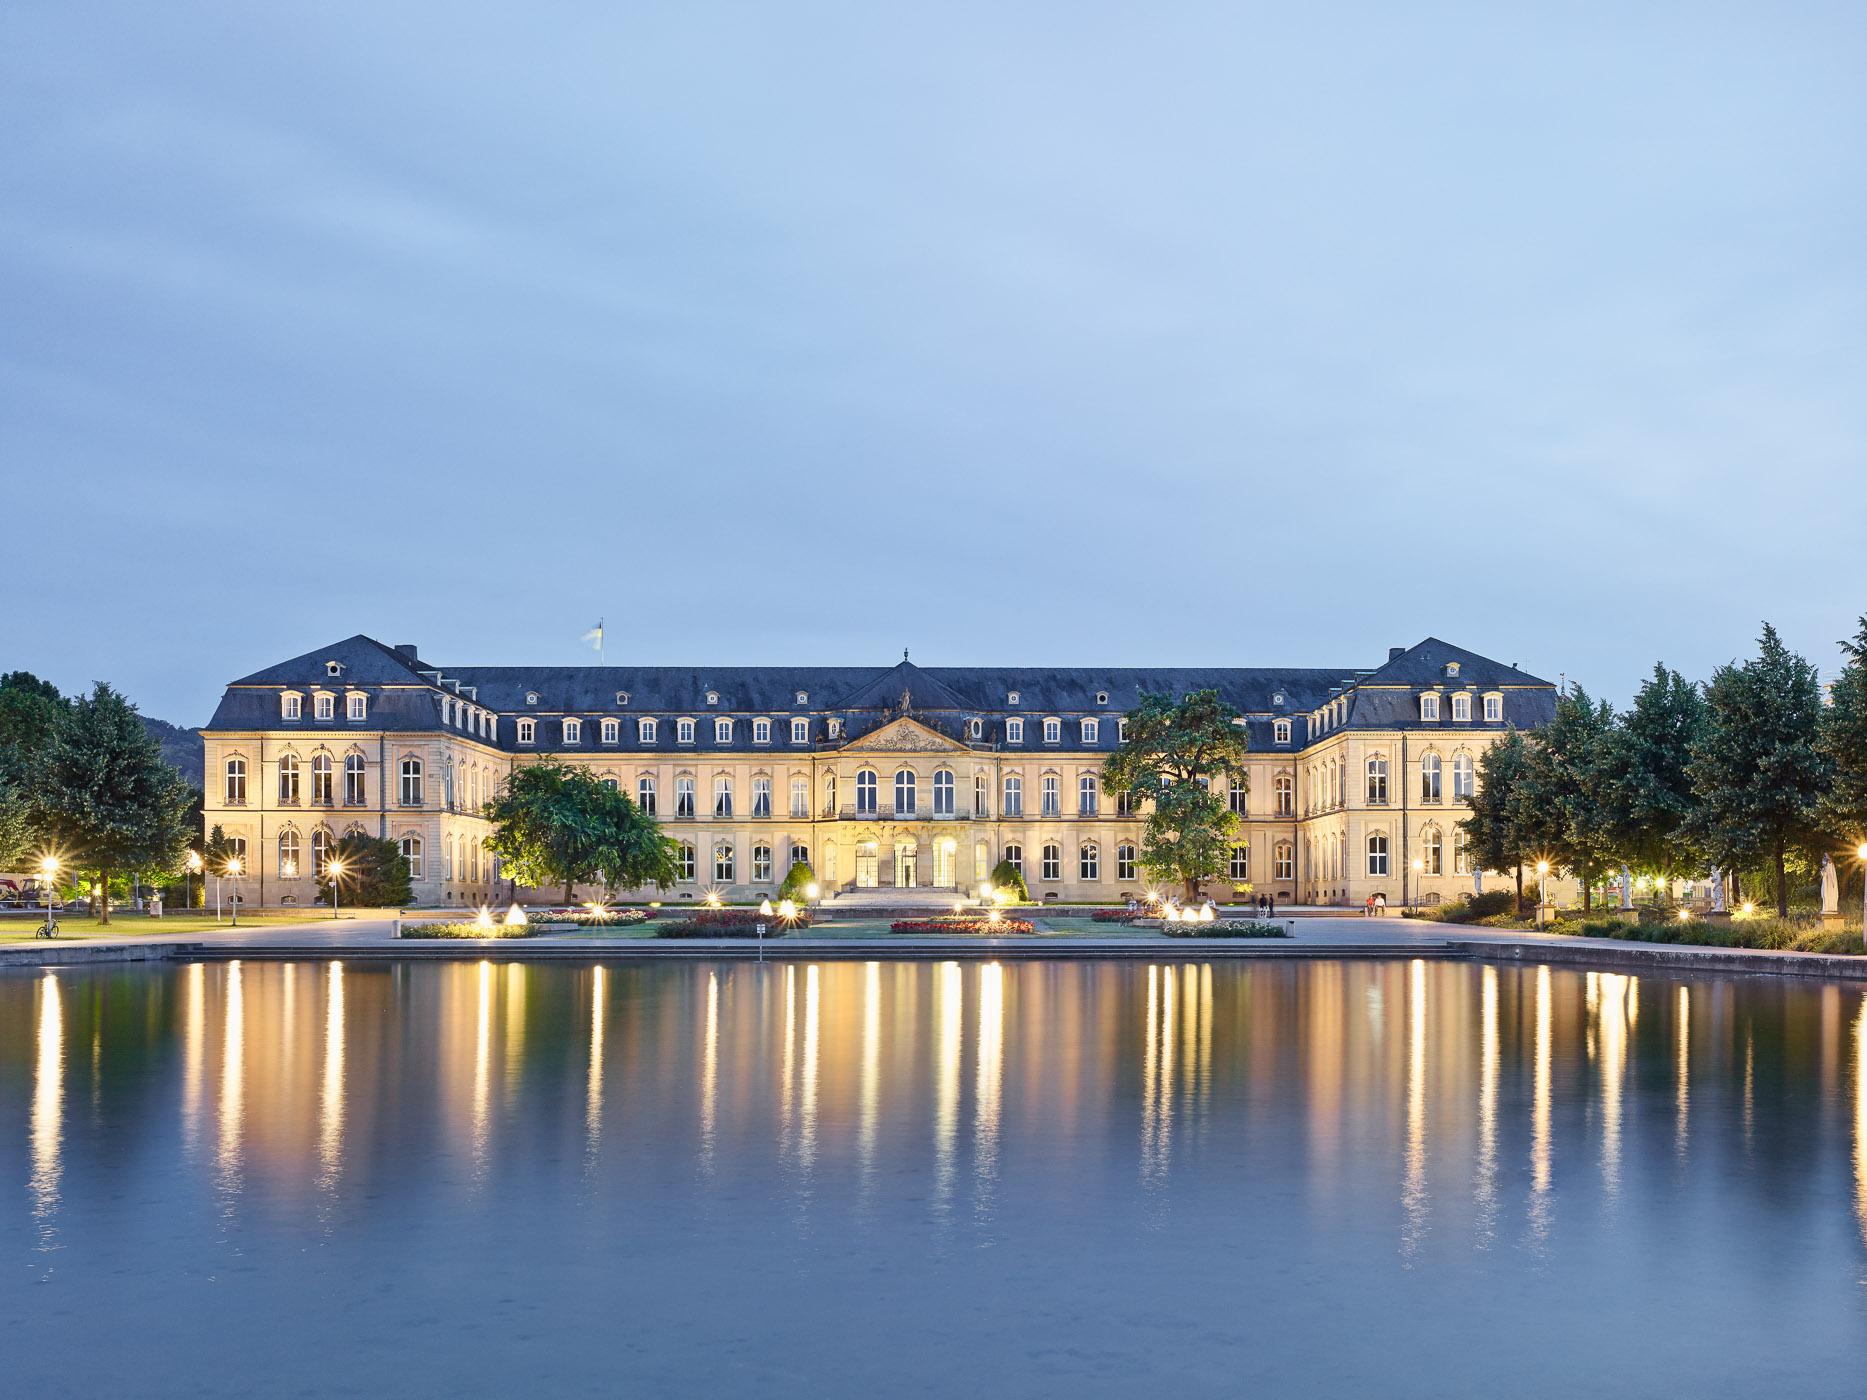 012-Neues-Schloss_4.jpg